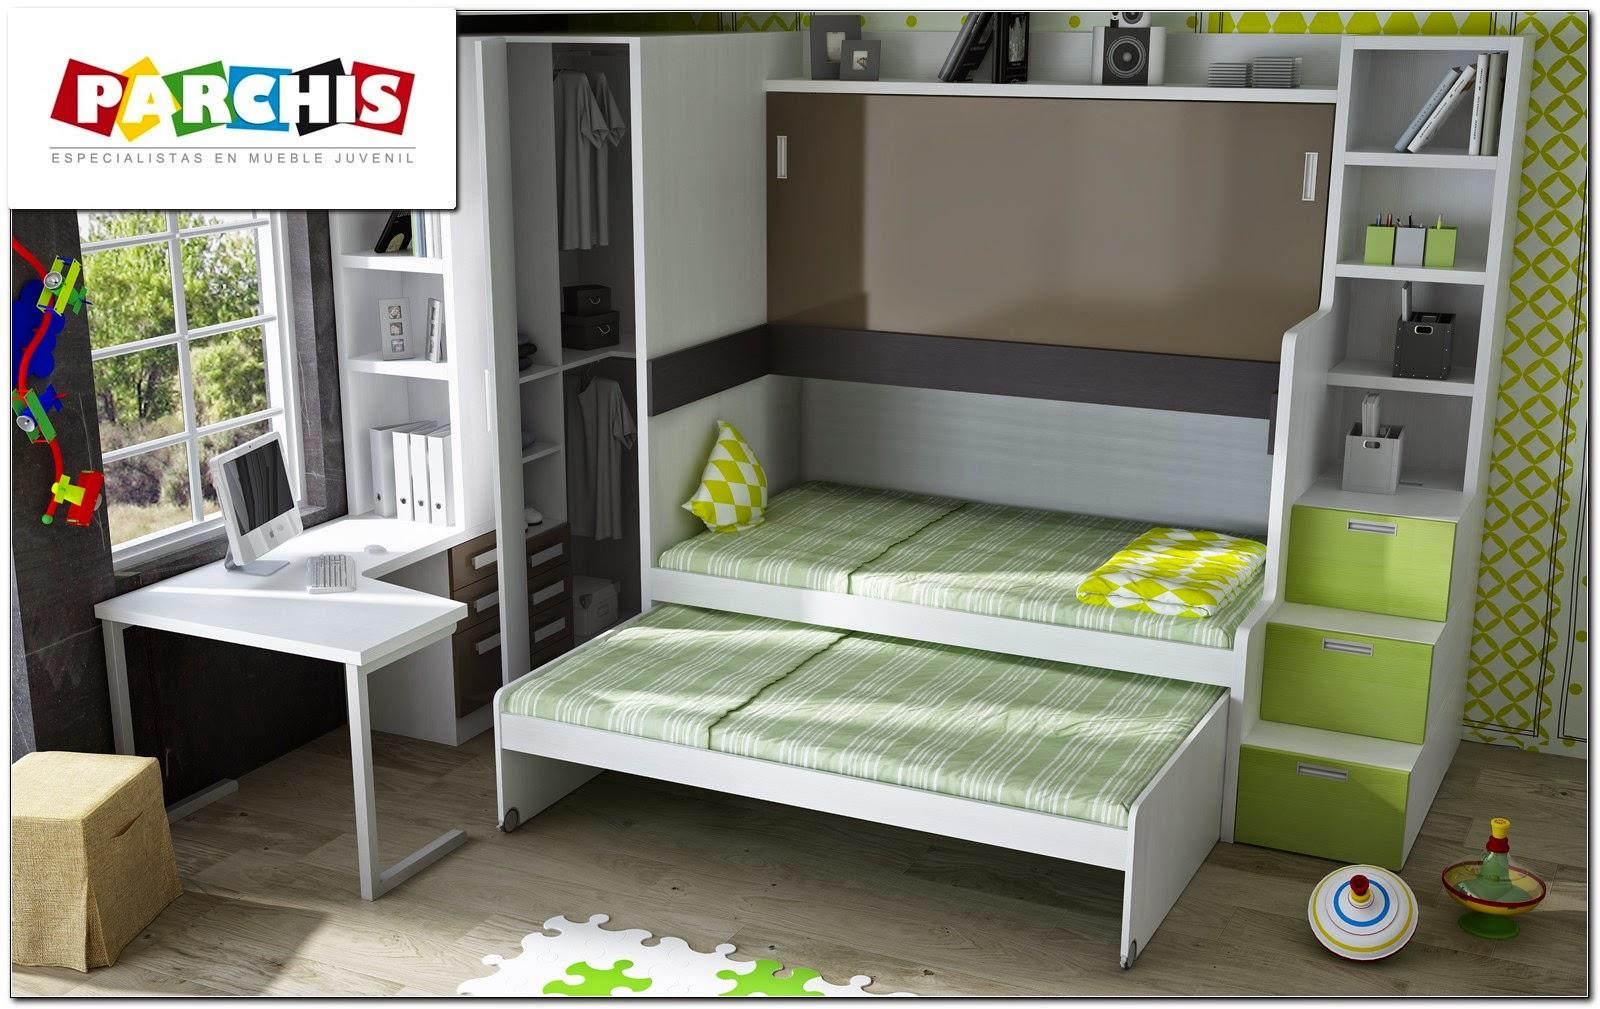 imagenes de muebles metalicos - Muebles de Oficina Sistemas y Muebles